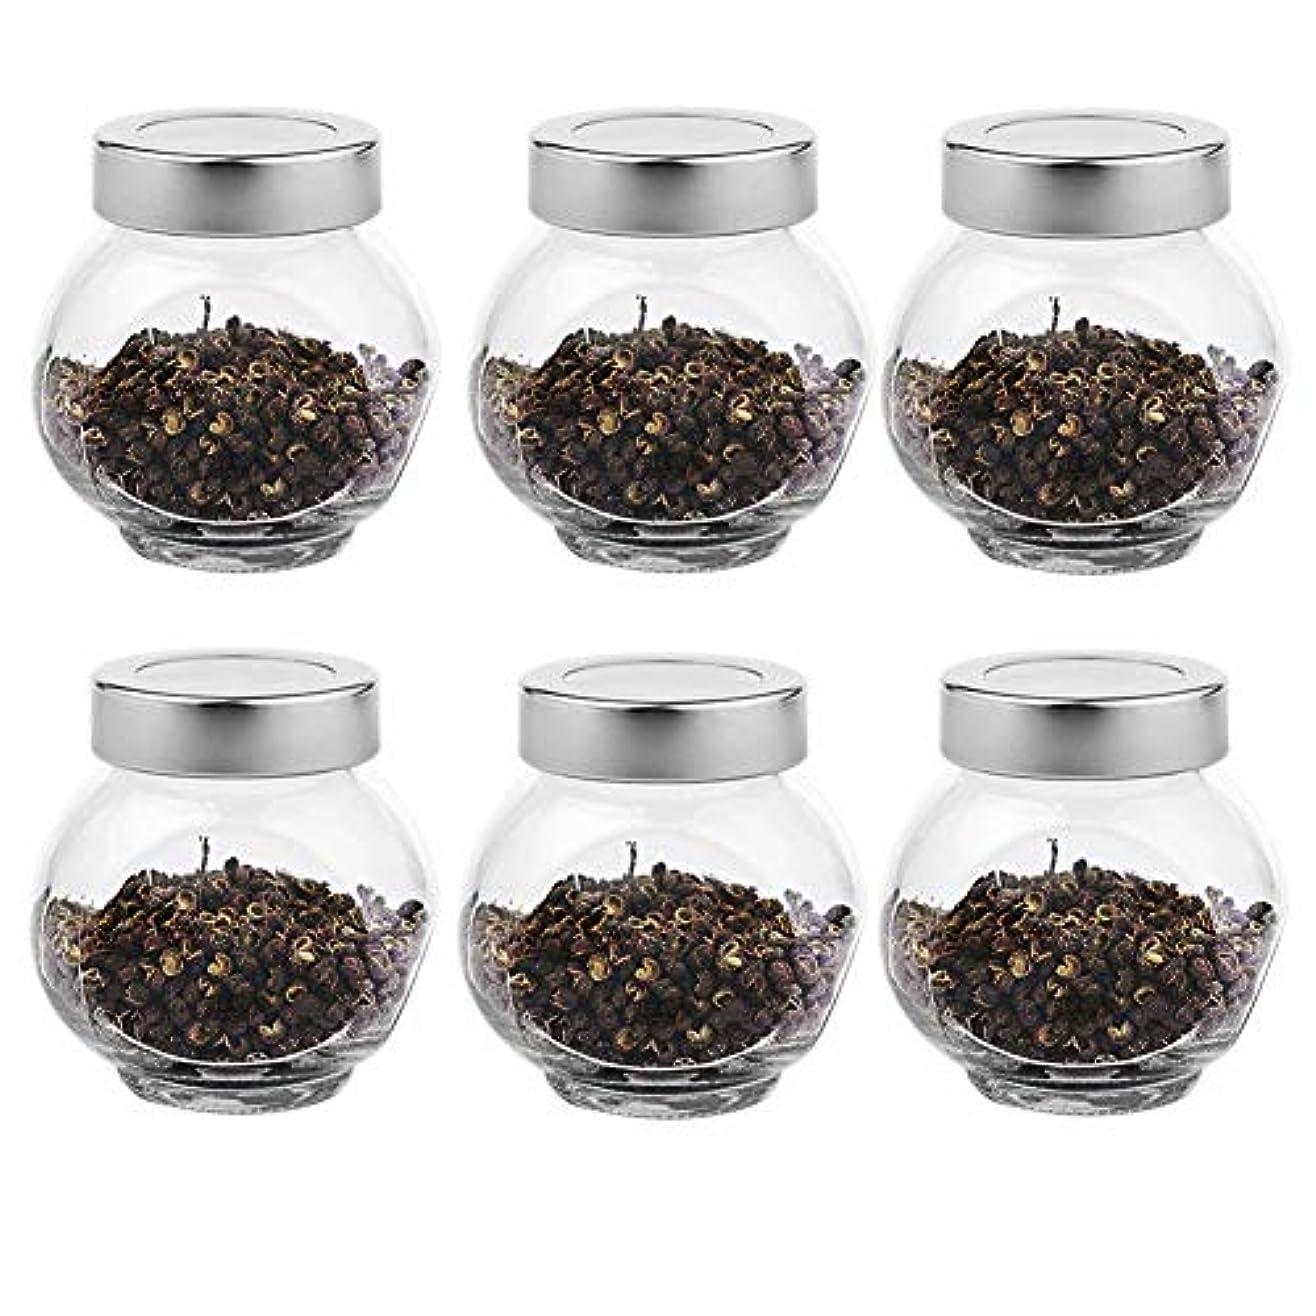 延ばす合併症バン6つの透明ガラス貯蔵容器茶/季節密封缶(200 ml)の貯蔵ジャーパック